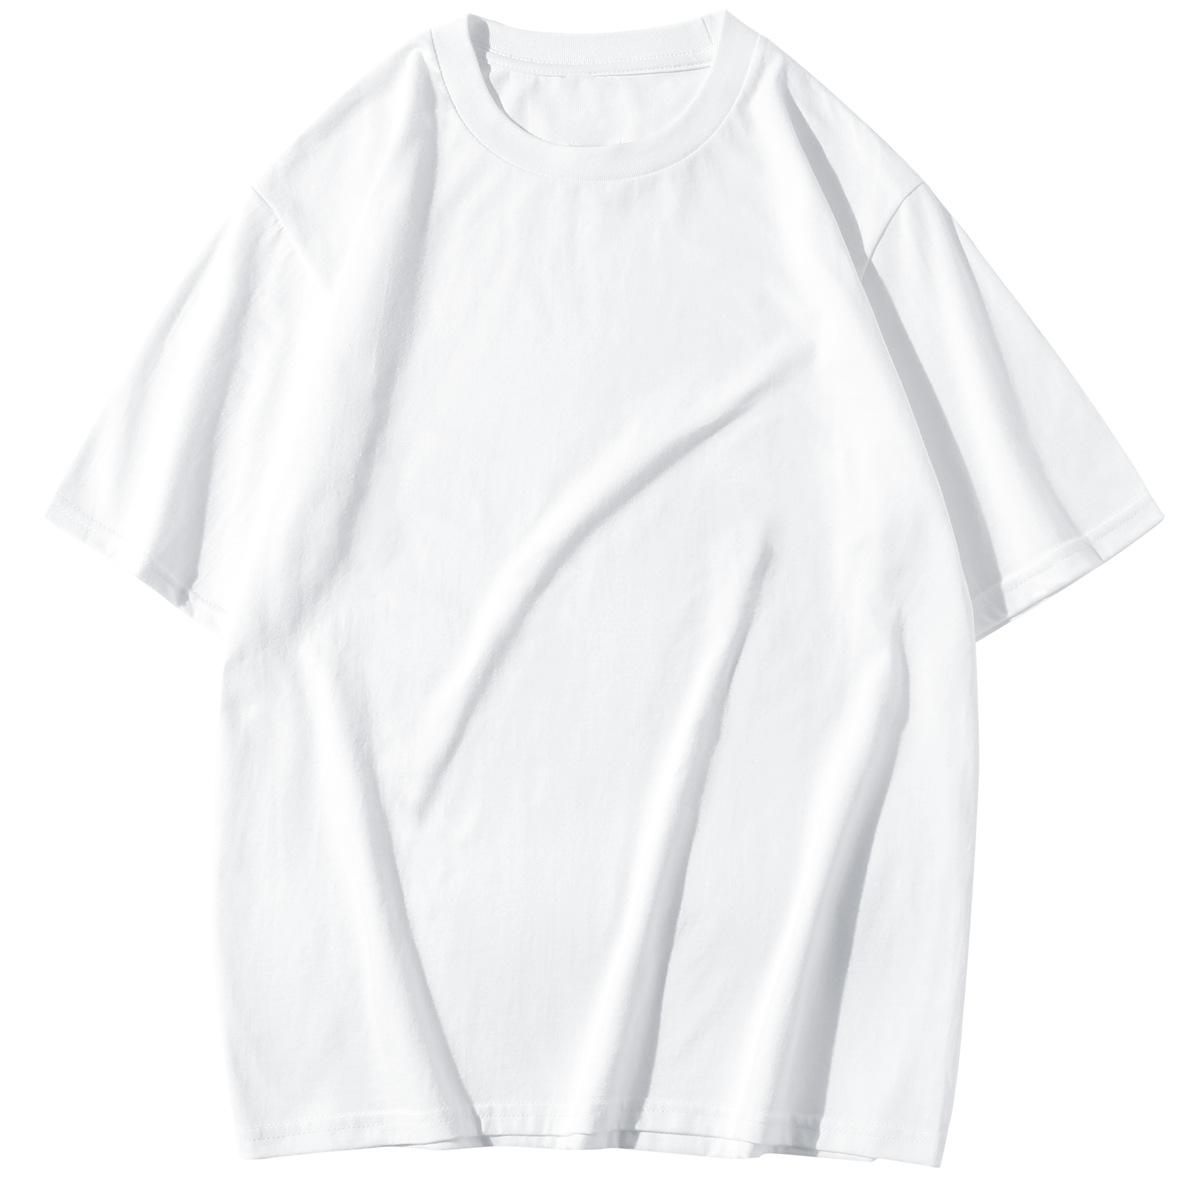 LVLV 220克短袖T恤潮圆领T恤 美码男打底衫 跨境速卖通亚马逊